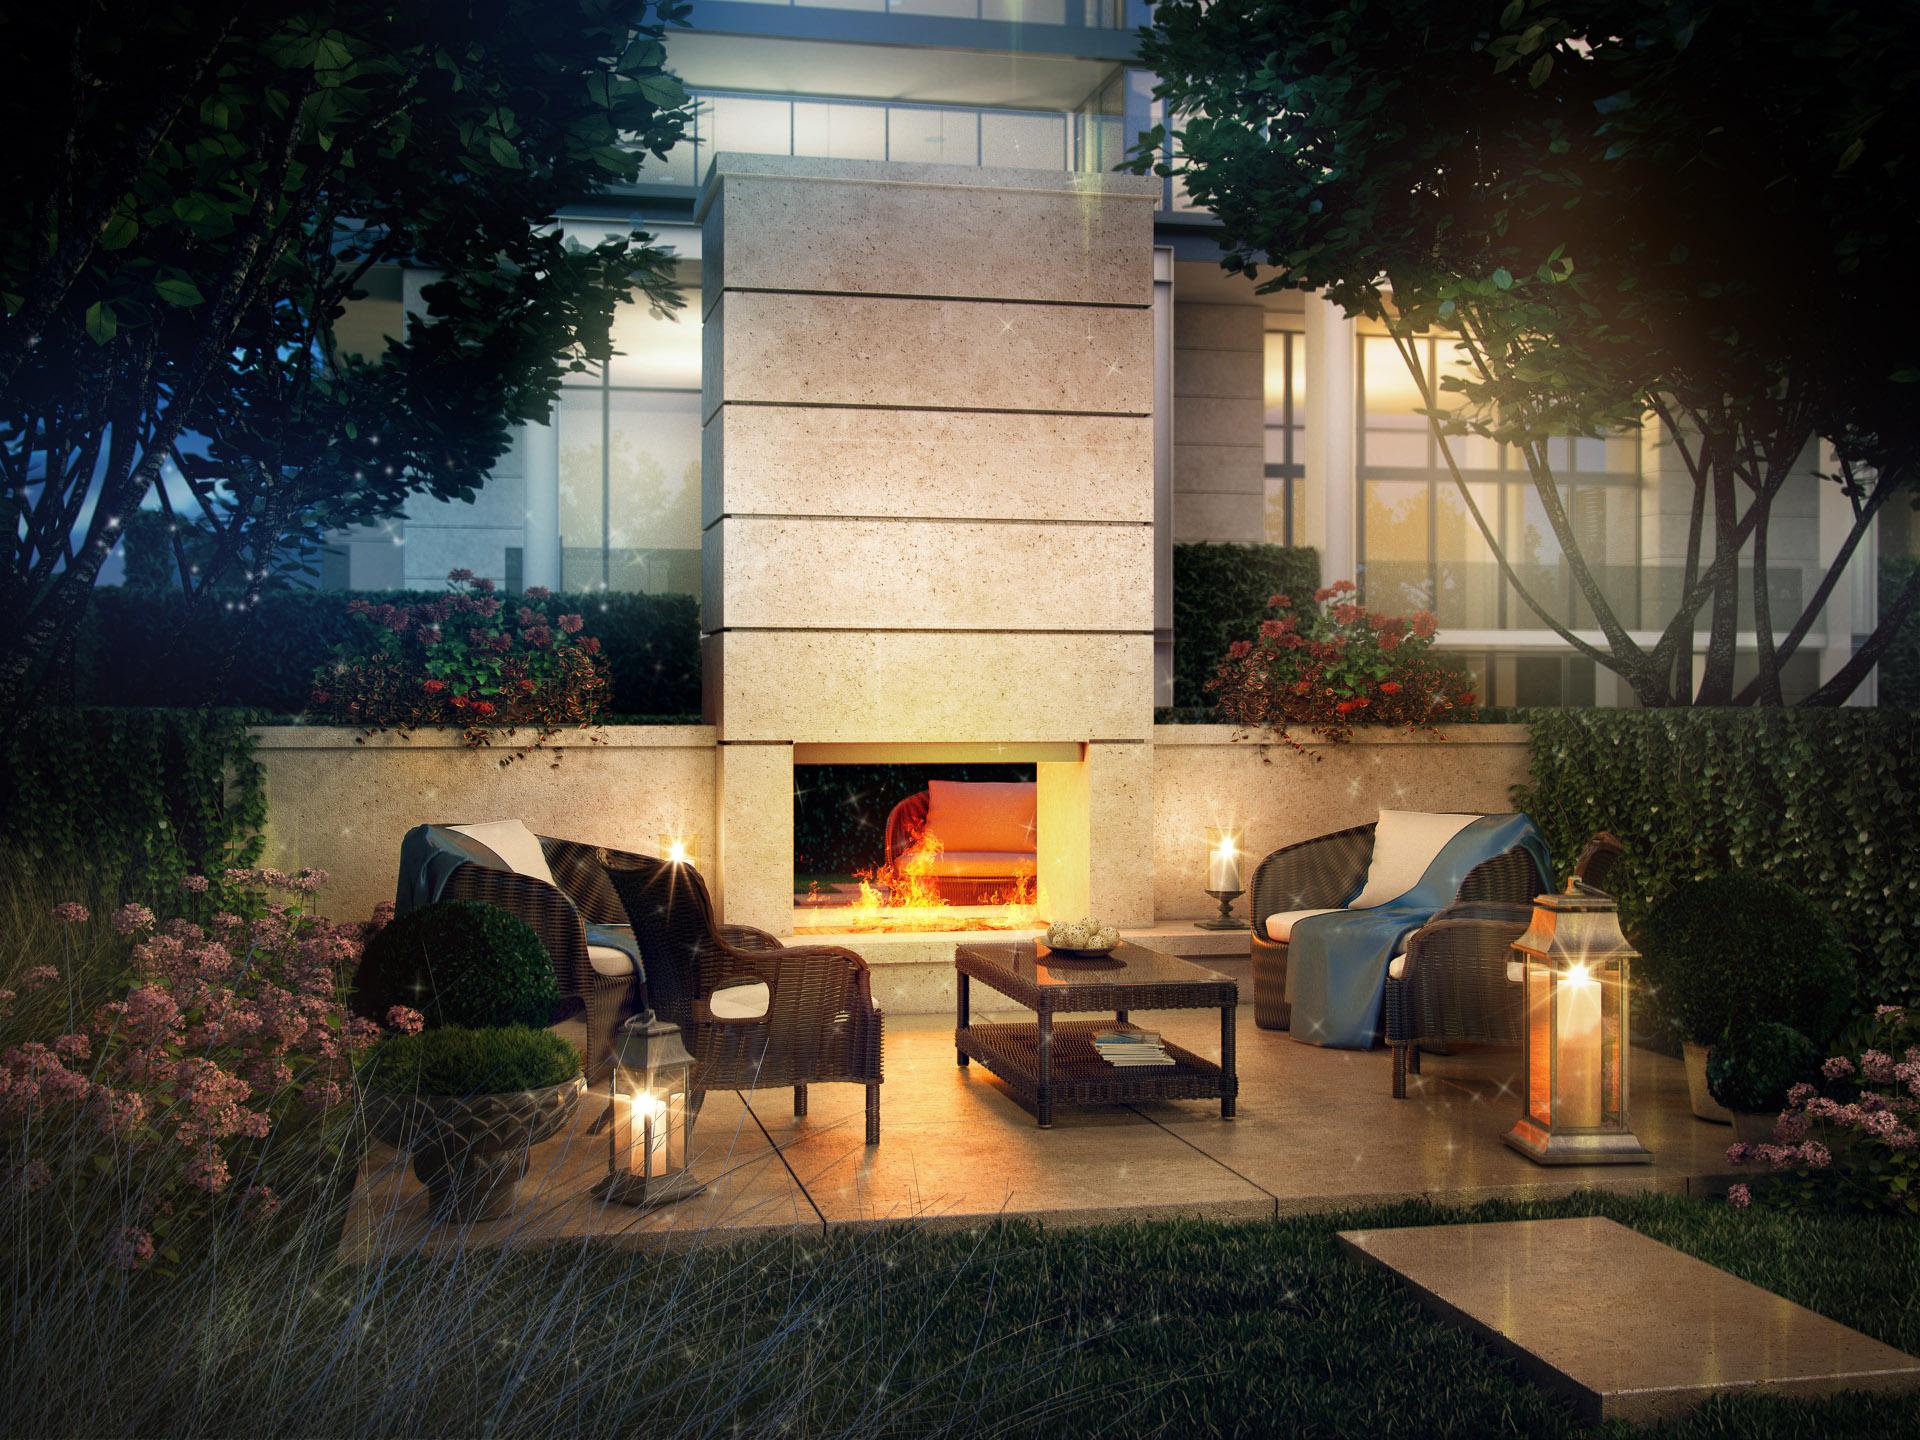 River_Oaks_Fireplace_HD